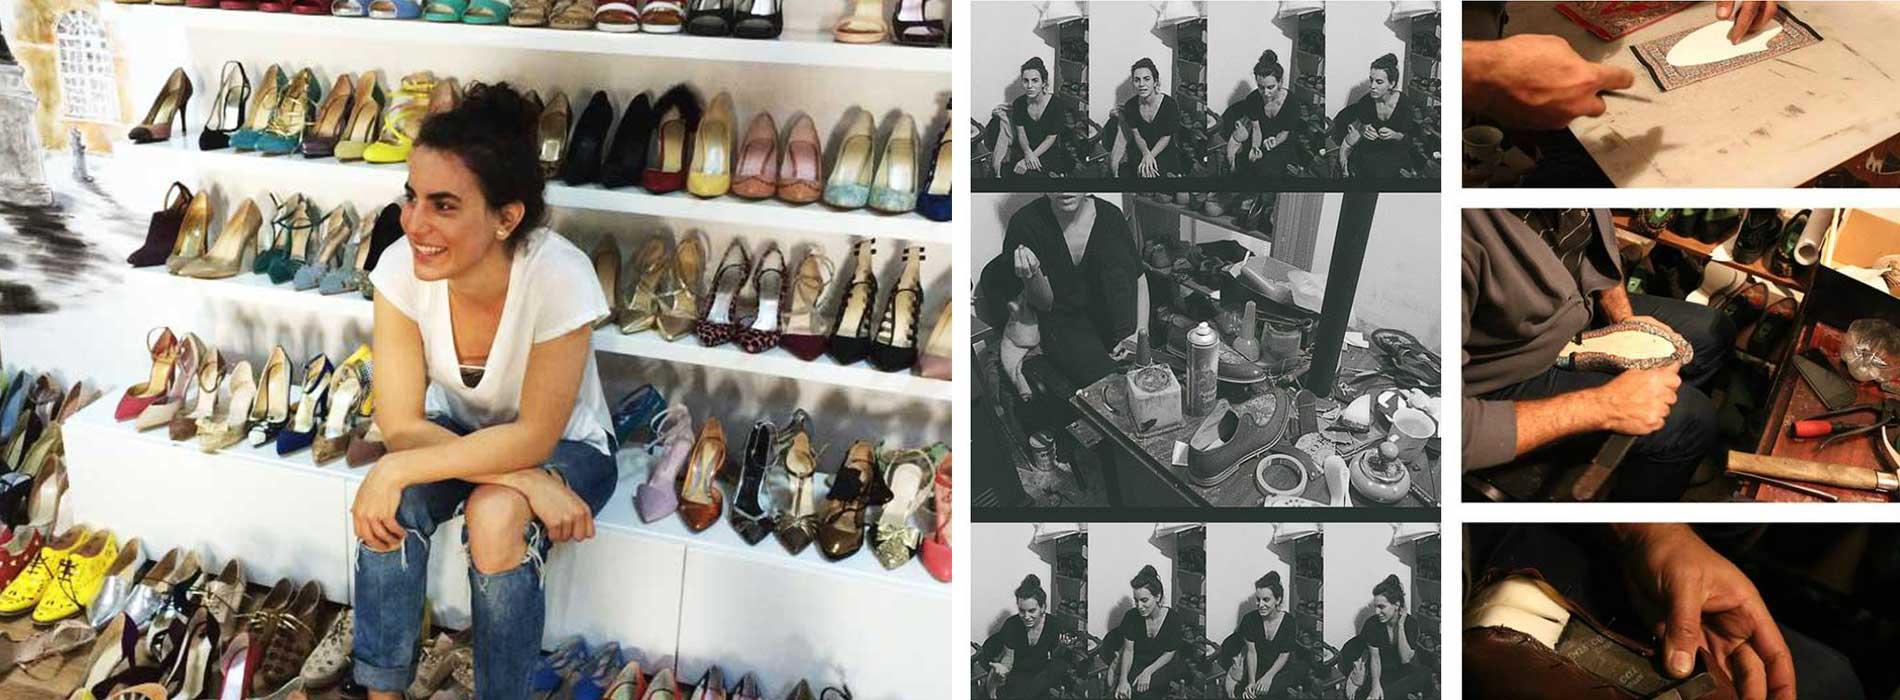 Bianca Georgescu.  Obiect de cult. Inserţii persane. Design de pantofi.